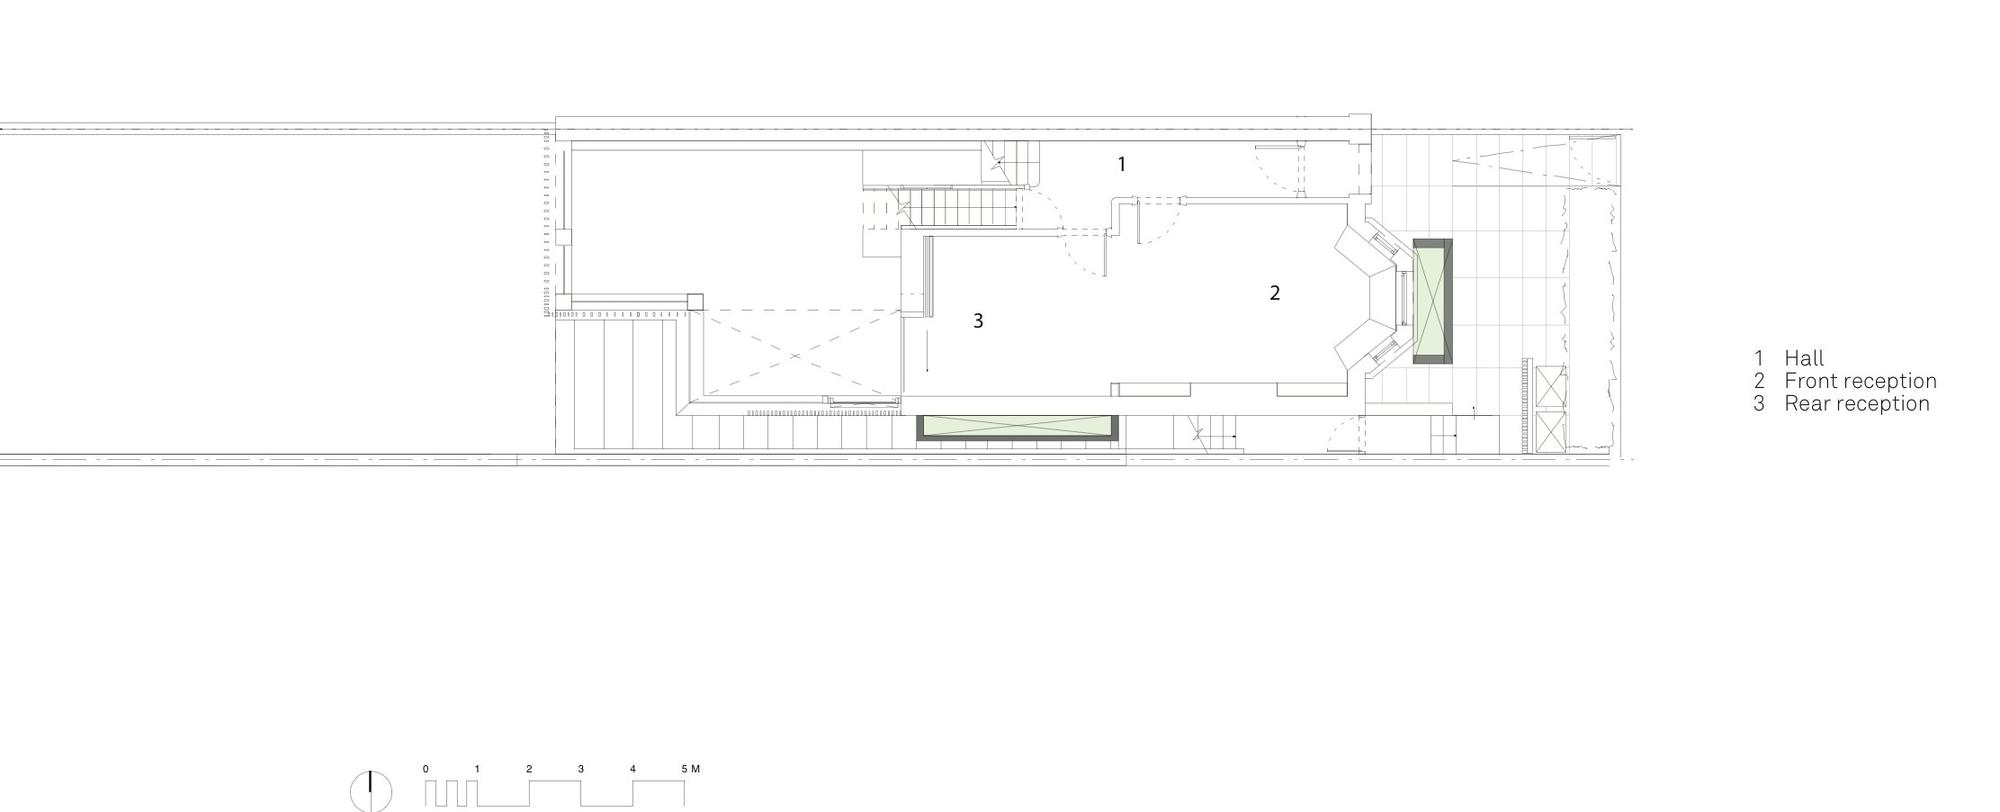 51d25bdab3fc4beae10000a0_power-house-paul-archer-design_ground_floor_plan